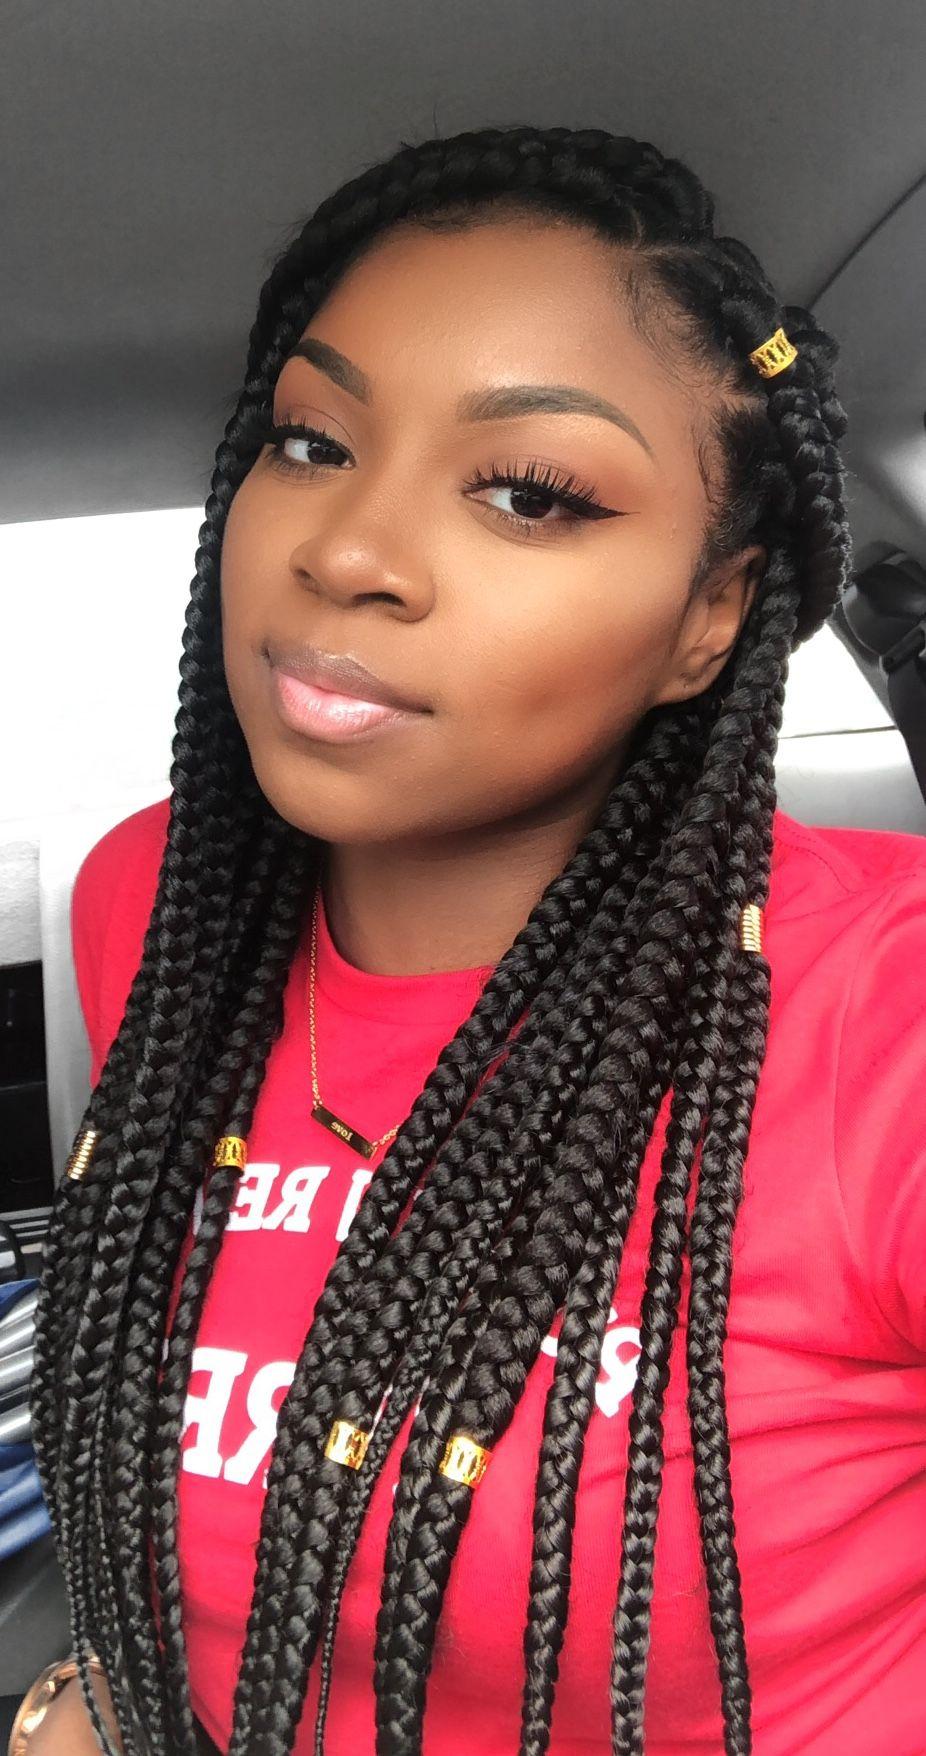 Medium Triangle Part Box Braids🎡 Hair in 2019 Box